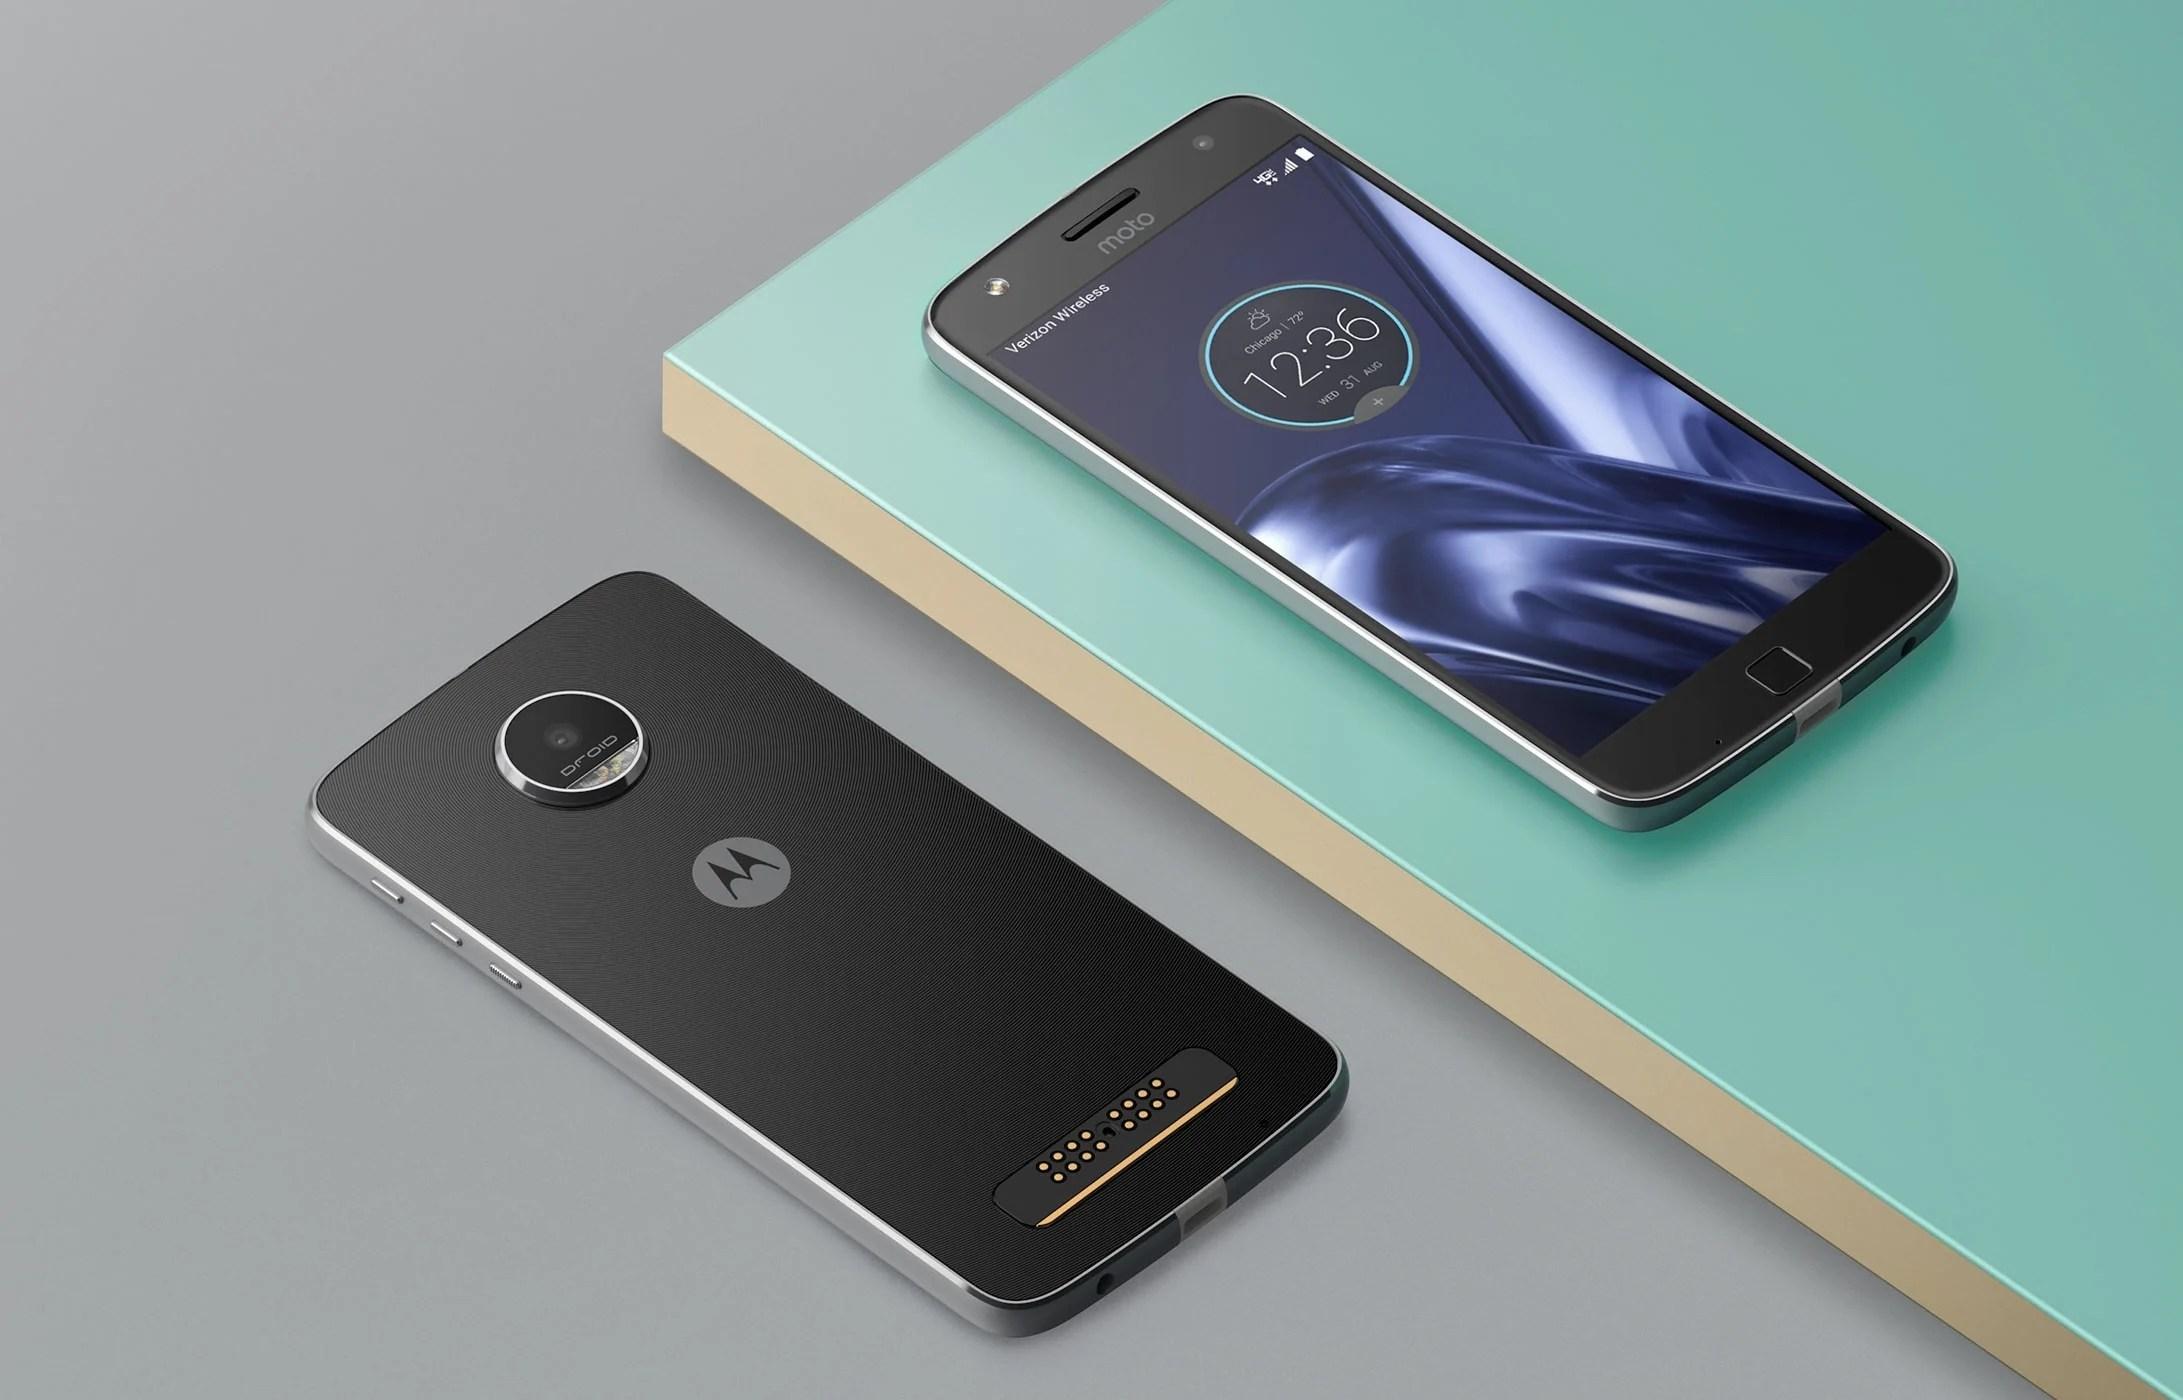 Motorola (Lenovo) annonce l'arrivée d'Android 7.0 Nougat sur les Moto Z et Moto G4